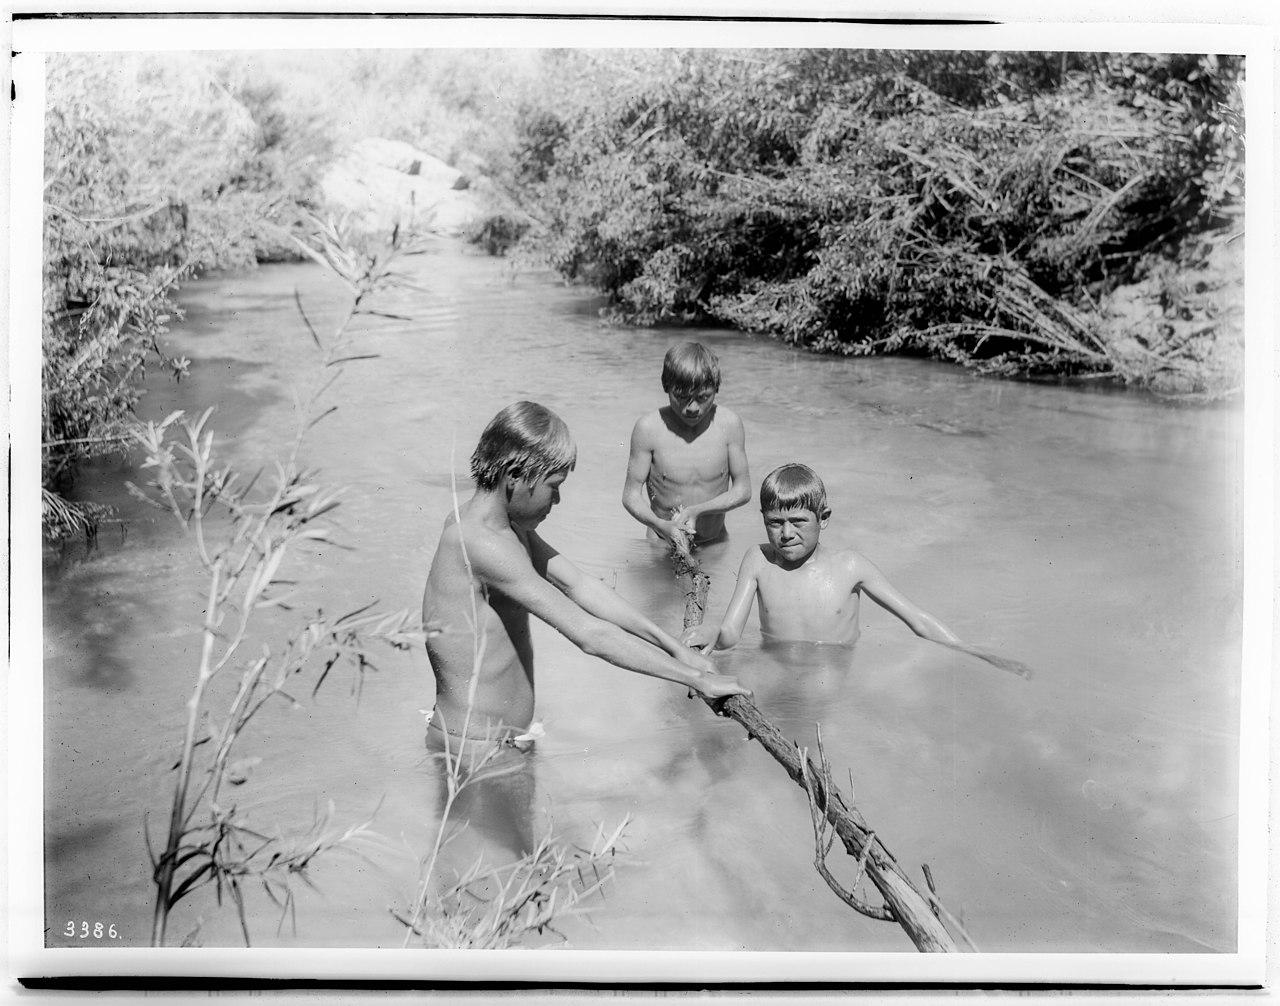 indian boys swim nude